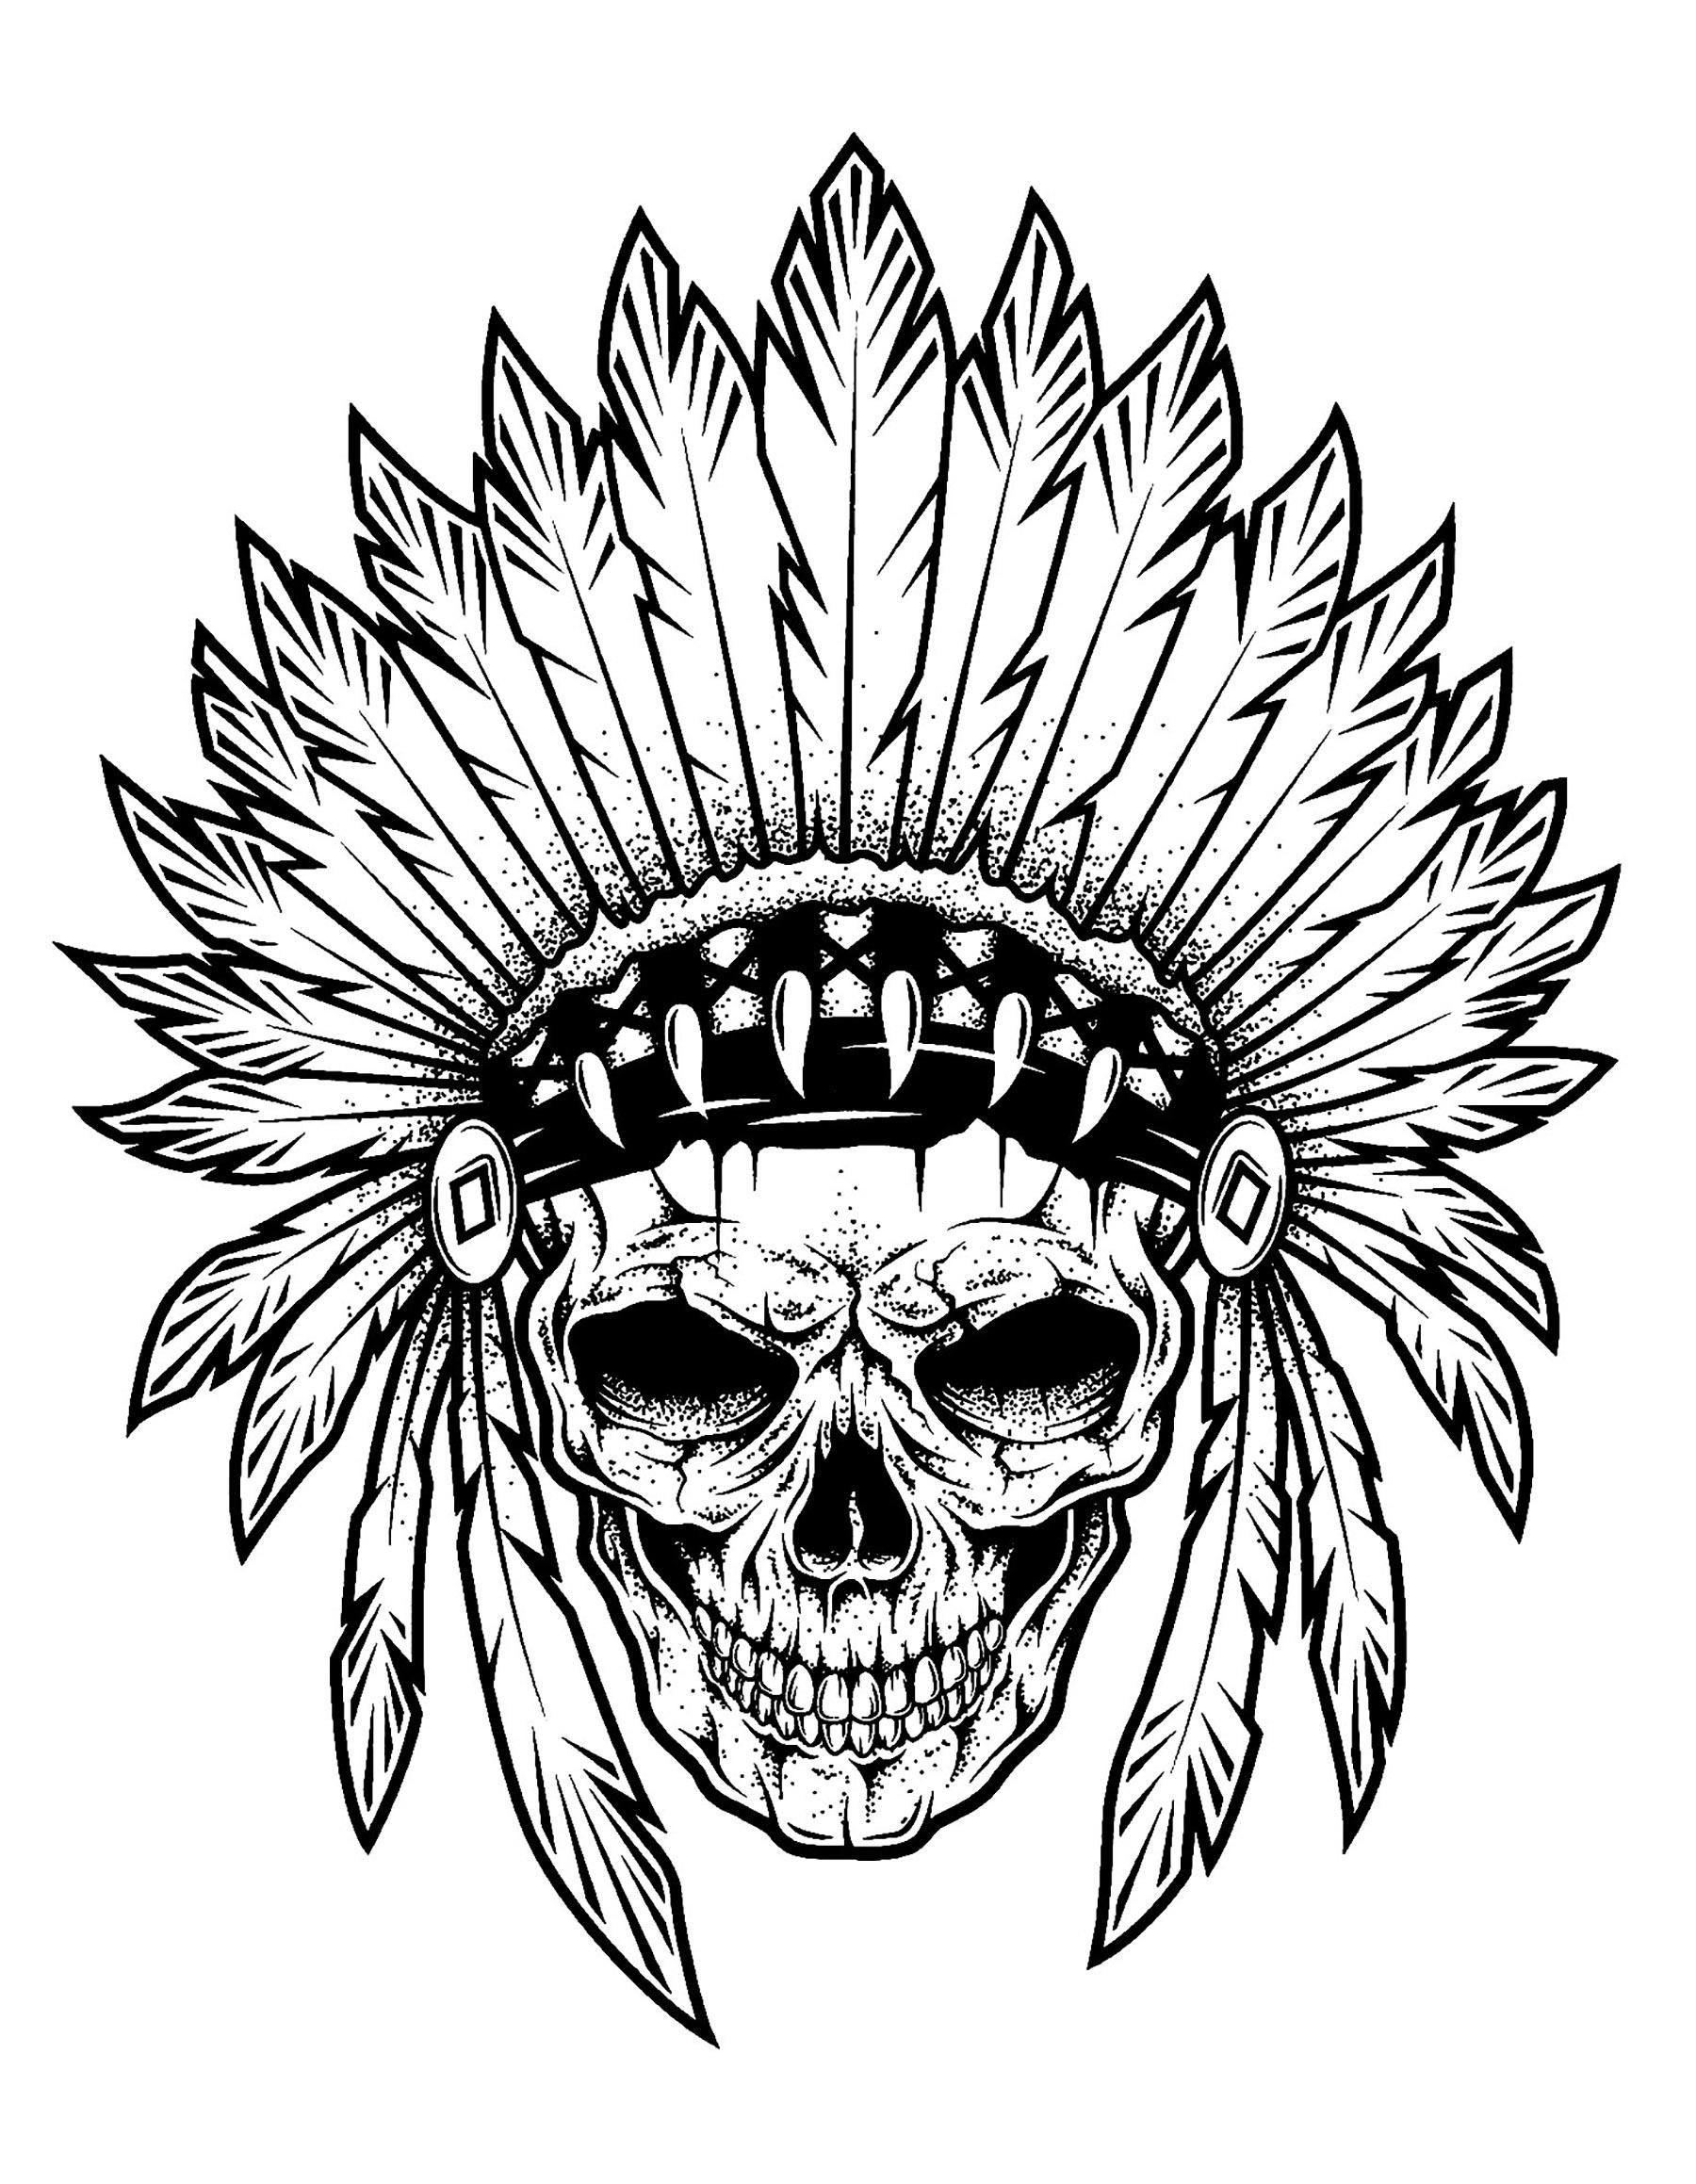 Tatouage chef indien squelette tatouages coloriages difficiles pour adultes - Tatouage crane indien ...